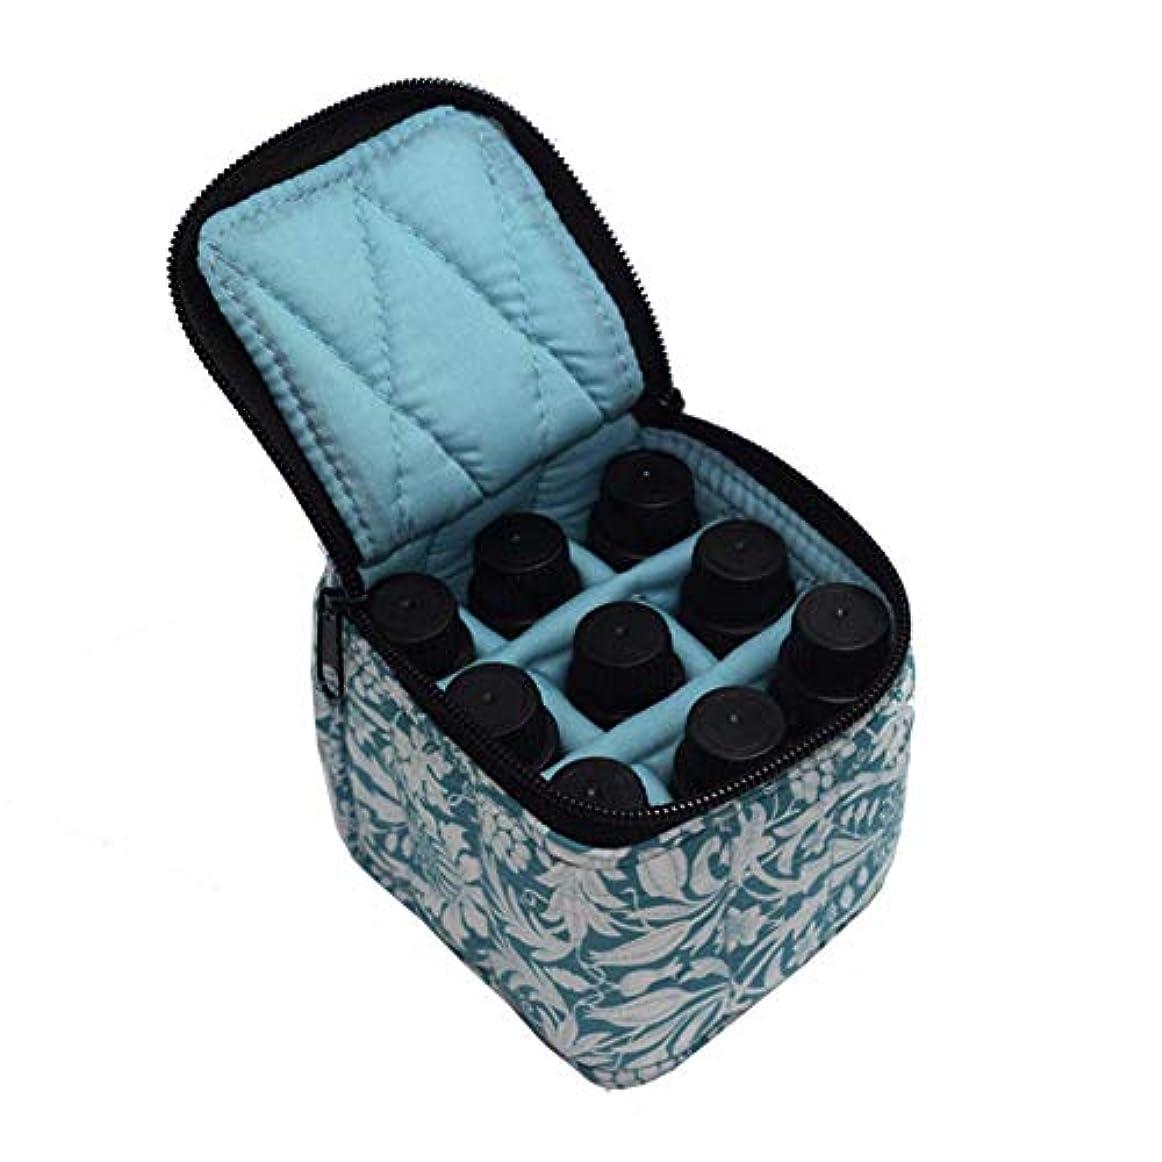 ミシン彼女全国Pursue エッセンシャルオイル収納ケース アロマオイル収納ボックス アロマポーチ収納ケース 耐震 携帯便利 香水収納ポーチ 化粧ポーチ 9本用